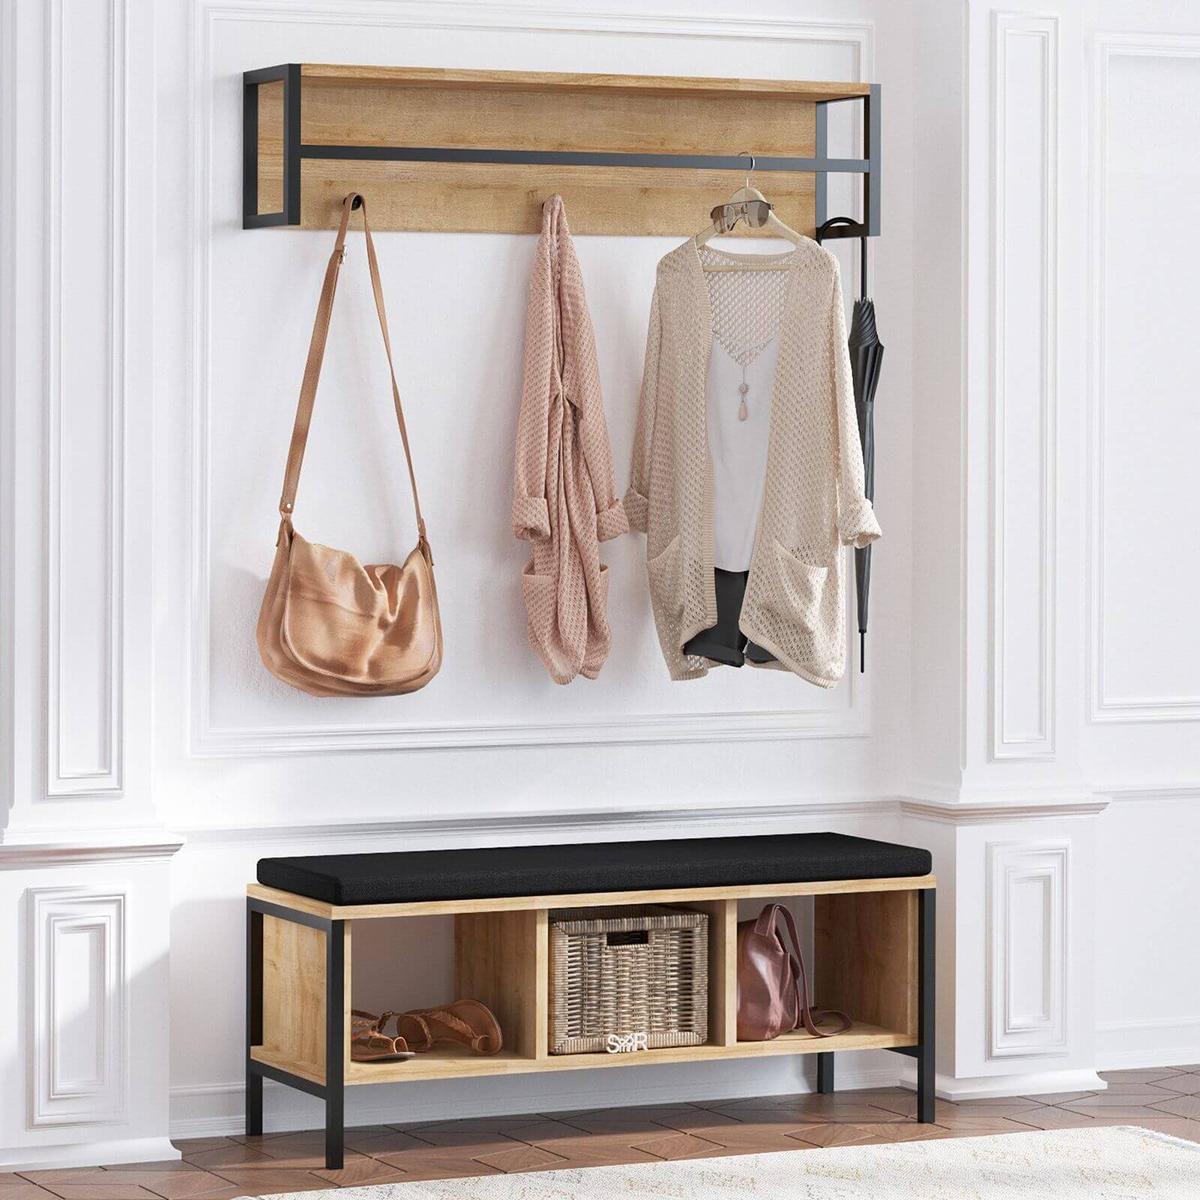 meuble bien agencer son entrée noir bois vestiaire porte-manteaux